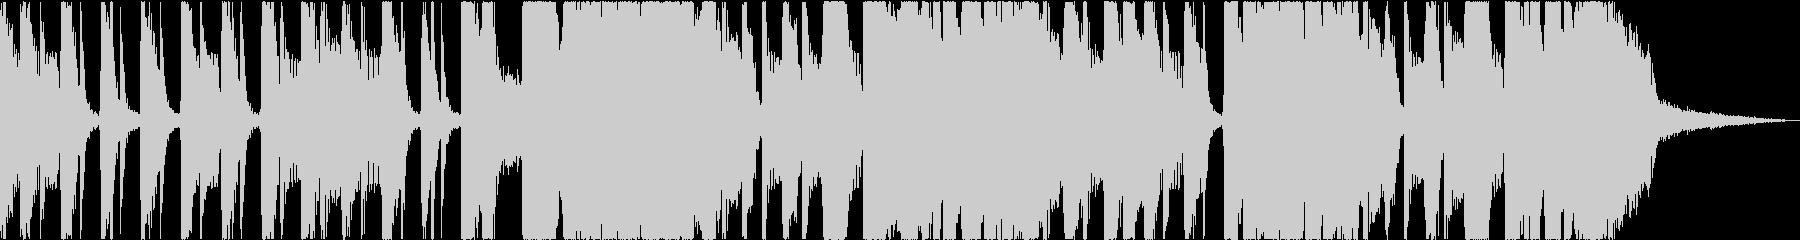 【20秒】軽快スカ風/ラジオCM用の未再生の波形